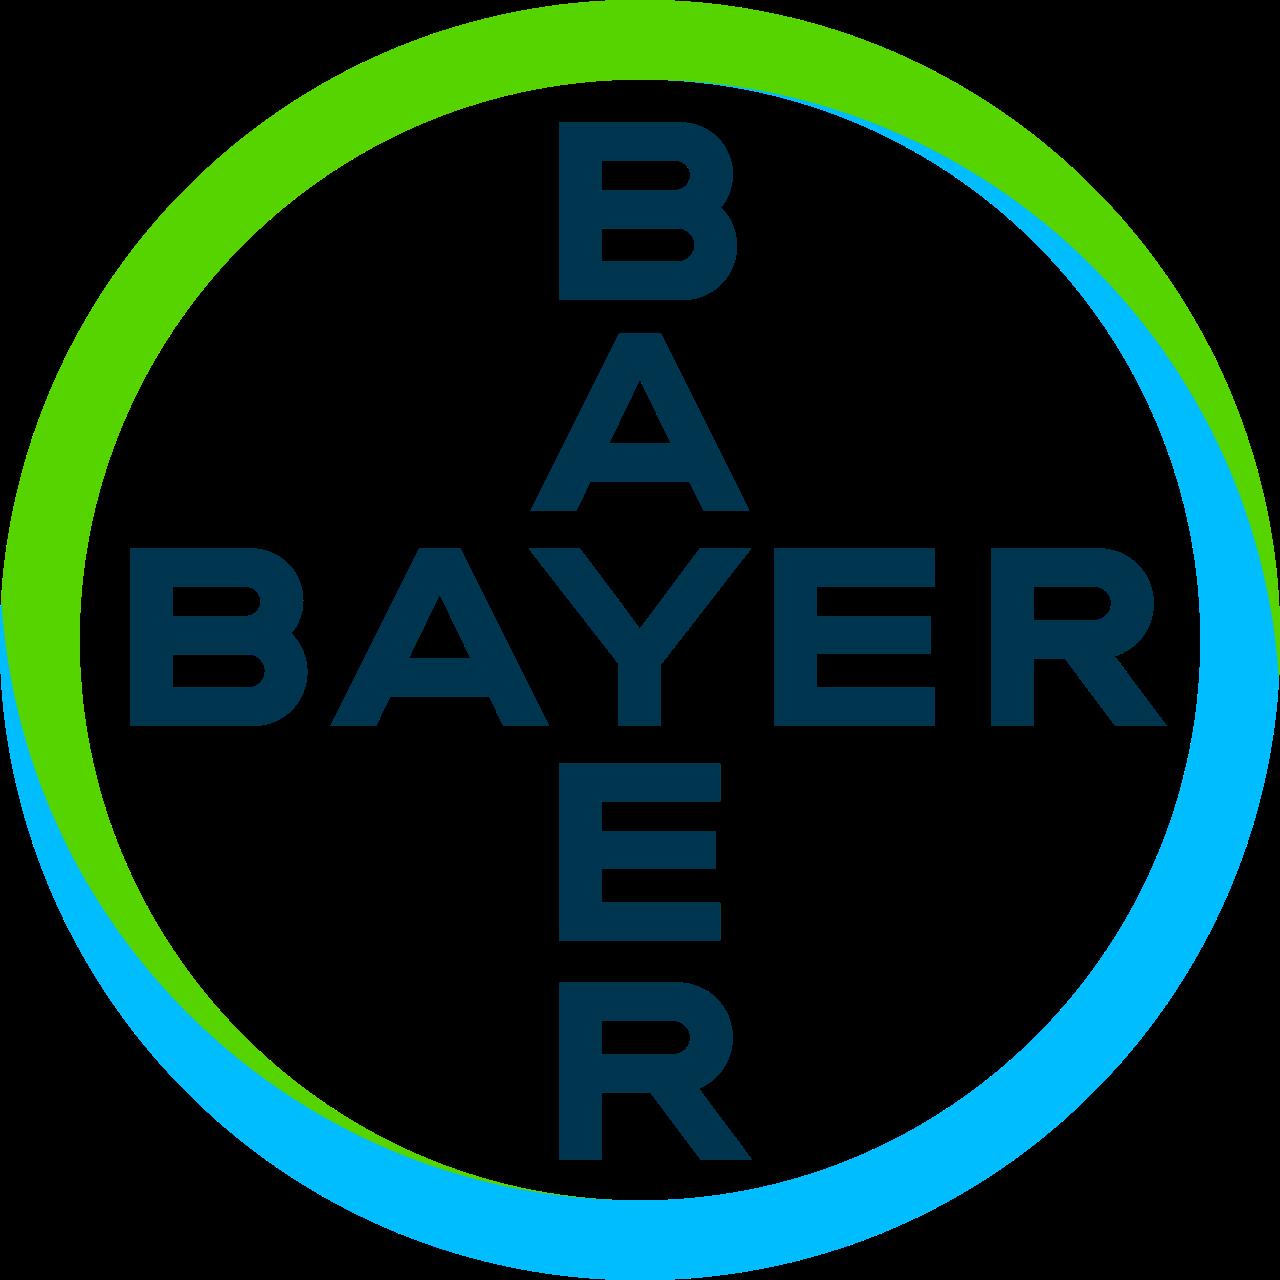 Bayer.svg